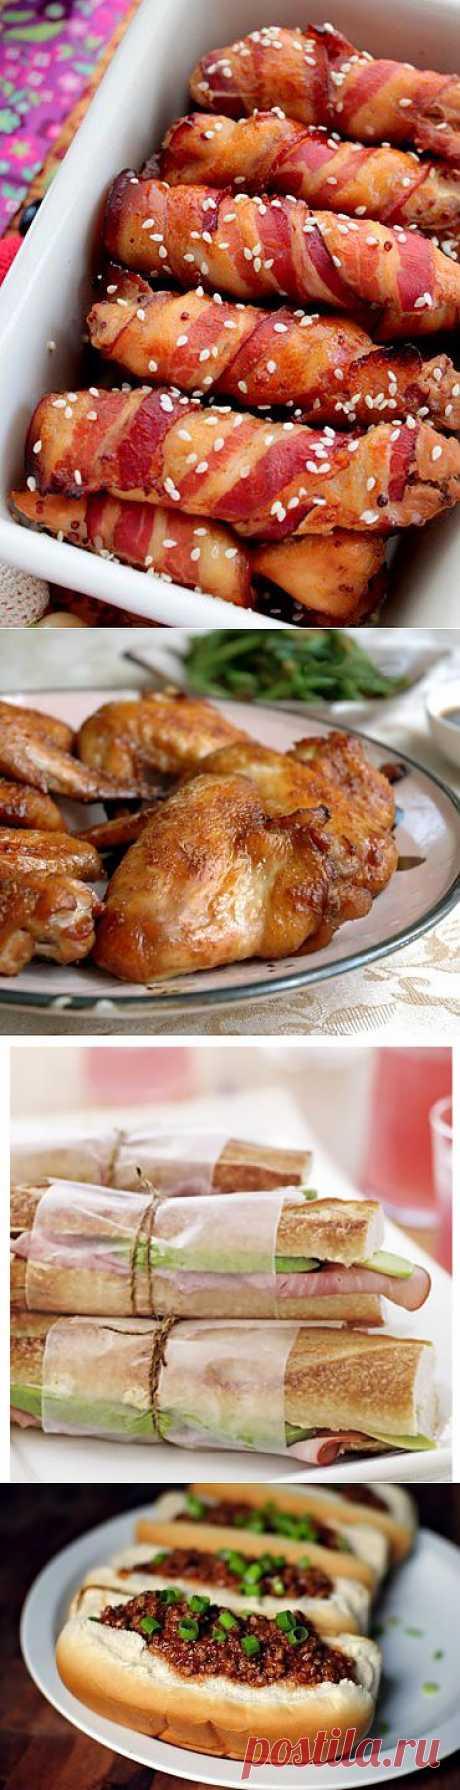 Куриное филе в беконе и еще 6 сытных закусок к пиву